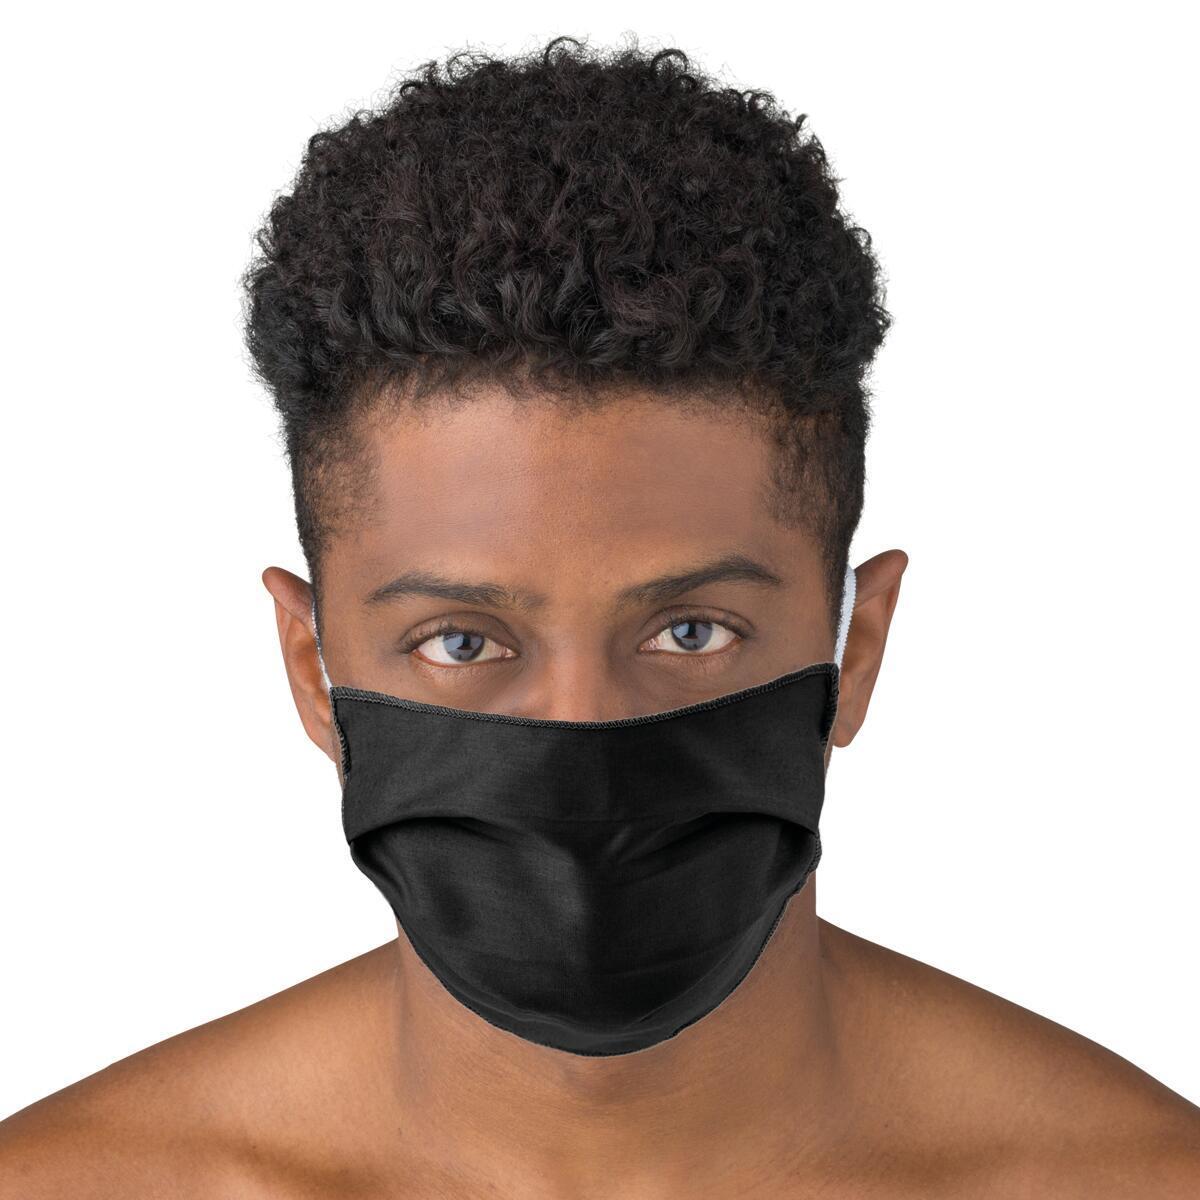 Maschera in tessuto lavabile per utilizzo non sanitario Elegante 2 pezzi - 2